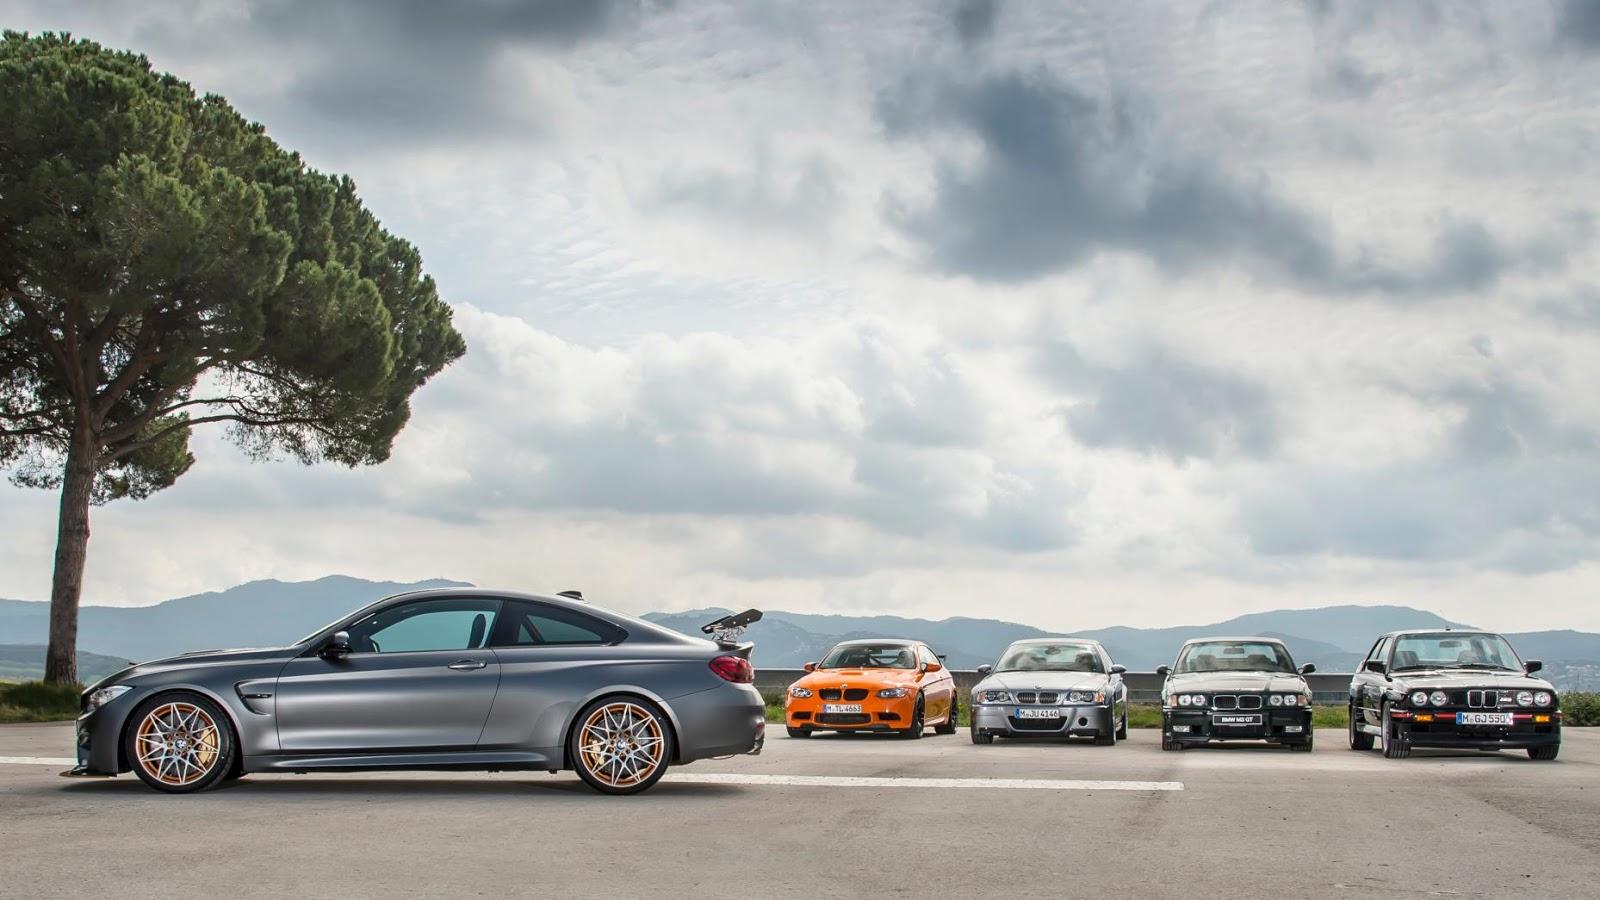 Bốn đàn anh của BMW M4 GTS là BMW M3 Sport Evo - 1990, BMW M3 GT - 1995, BMW M3 CSL - 2003, BMW M3 GTS - 2010 đều là những dòng xe huyền thoại